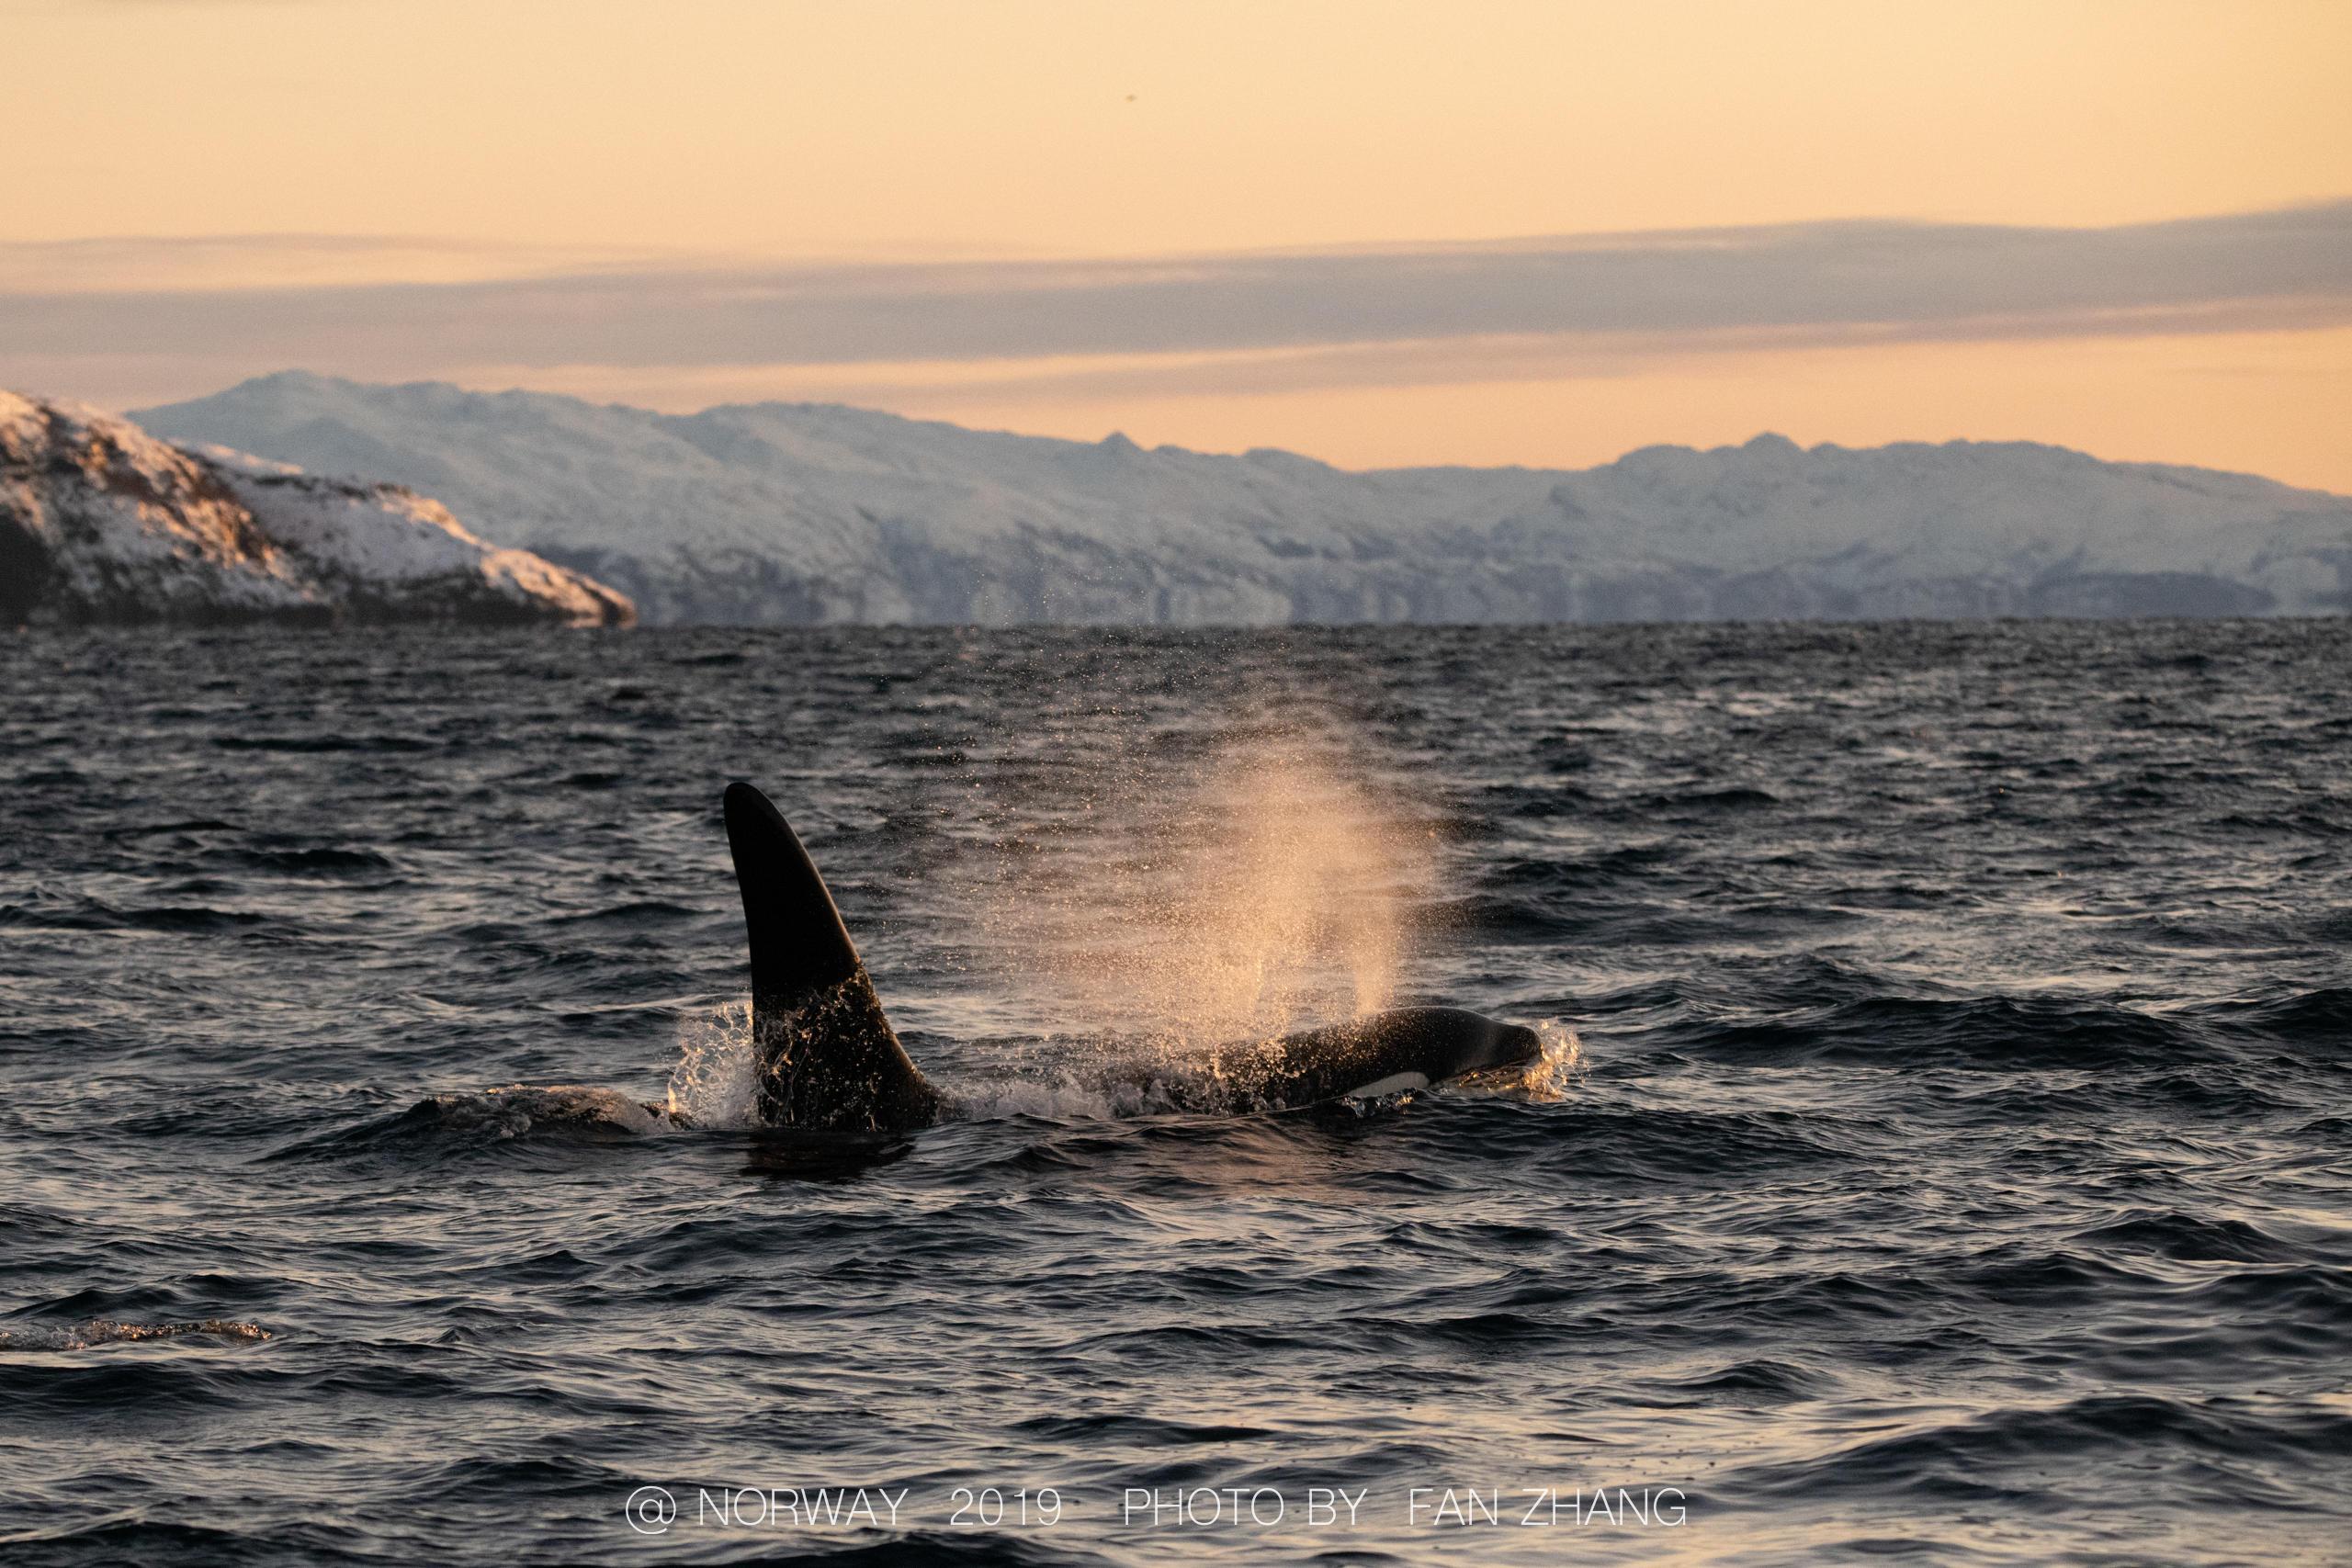 一头巨大的雄鲸独自徘徊在峡湾中 涨姿势 第4张